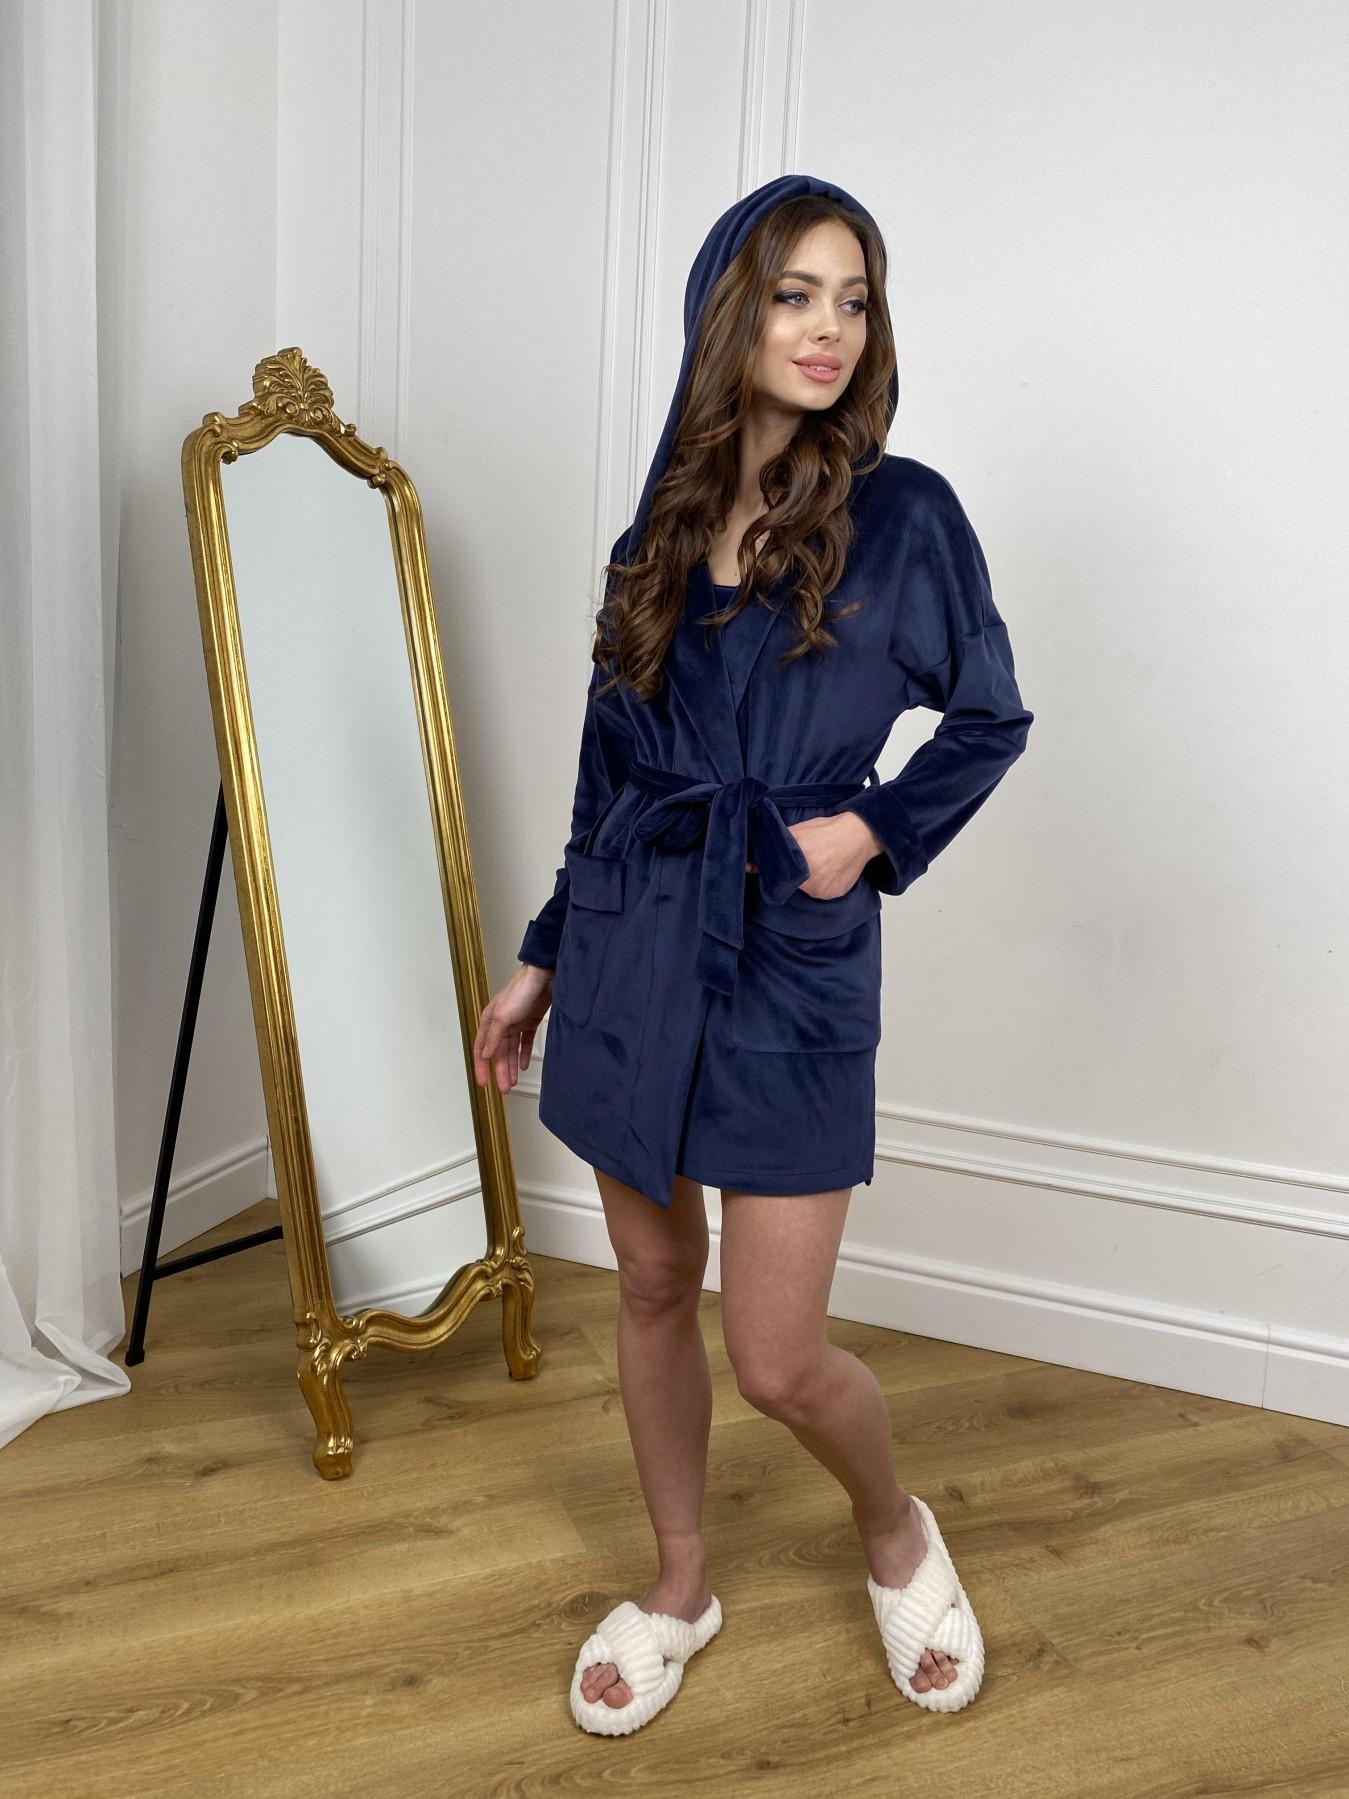 Фабьен мини халат из велюровой ткани 10516 АРТ. 46864 Цвет: т. синий - фото 1, интернет магазин tm-modus.ru